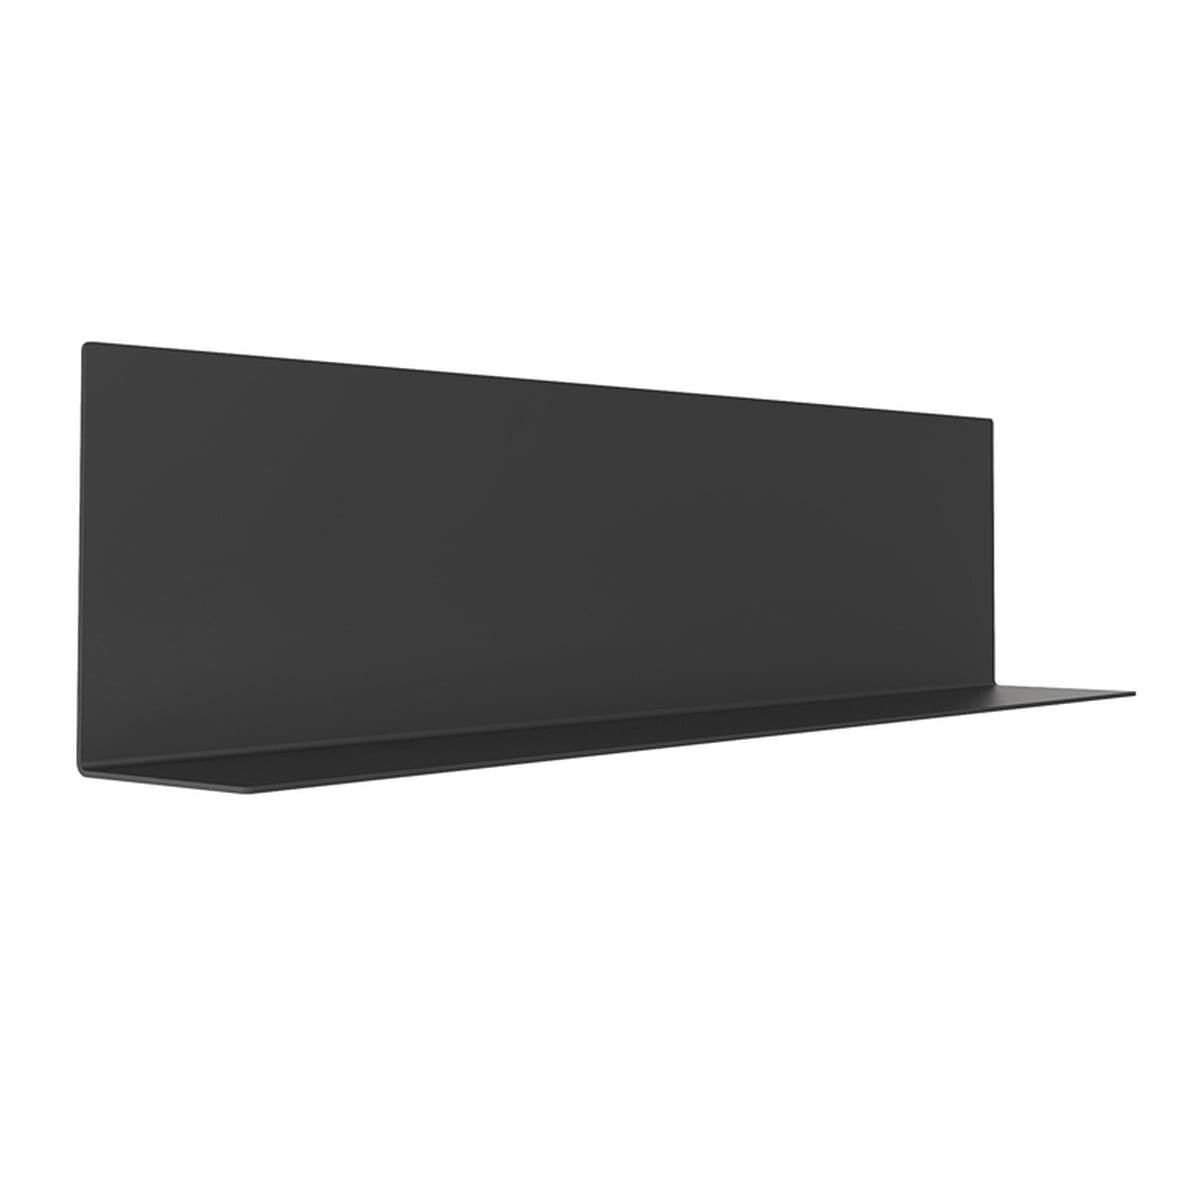 Frost - Unu ystème d´étagères, 250 x 1000 x 150, noir